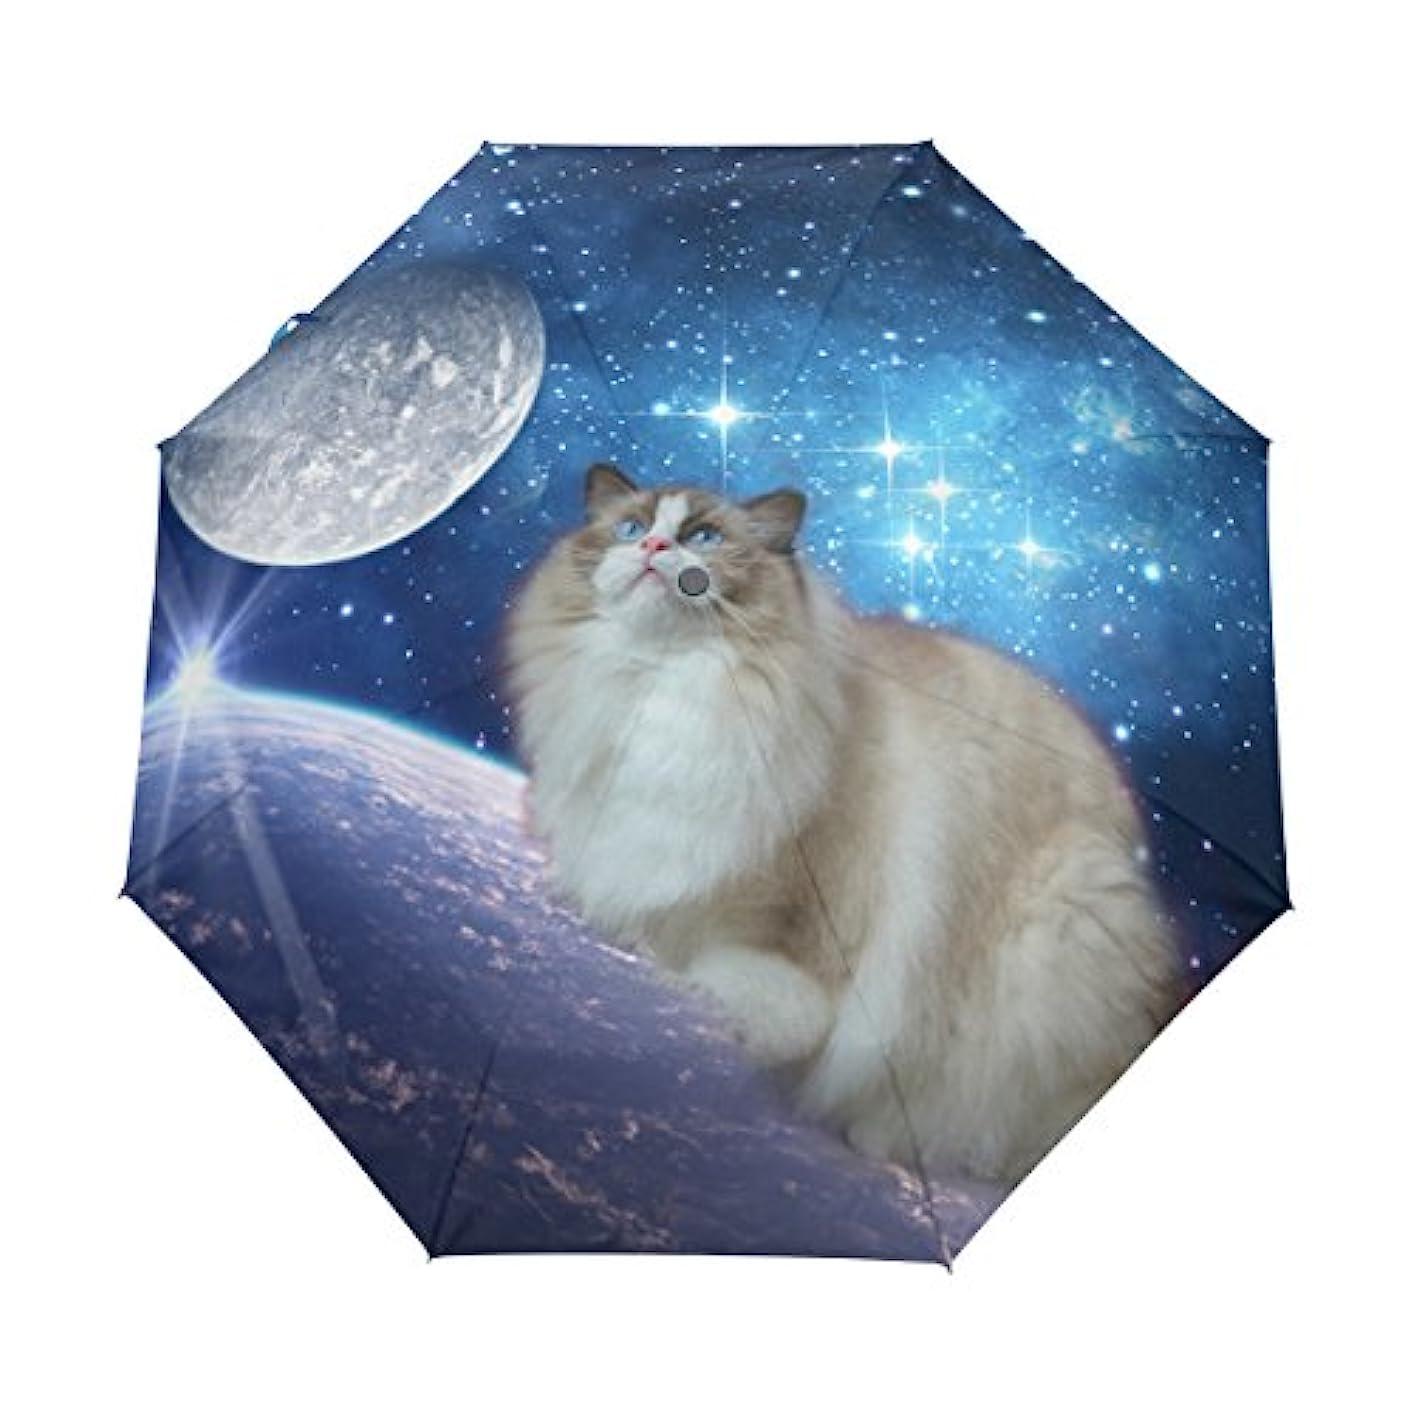 バーター可能にする曲げるGORIRA(ゴリラ) 眺めるラグドール かわいい猫 星空 折り畳み傘 ワンタッチ自動開閉 8本骨 抗紫外線 耐強風 直径96cm 晴雨兼用 軽量 収納ポーチ付き